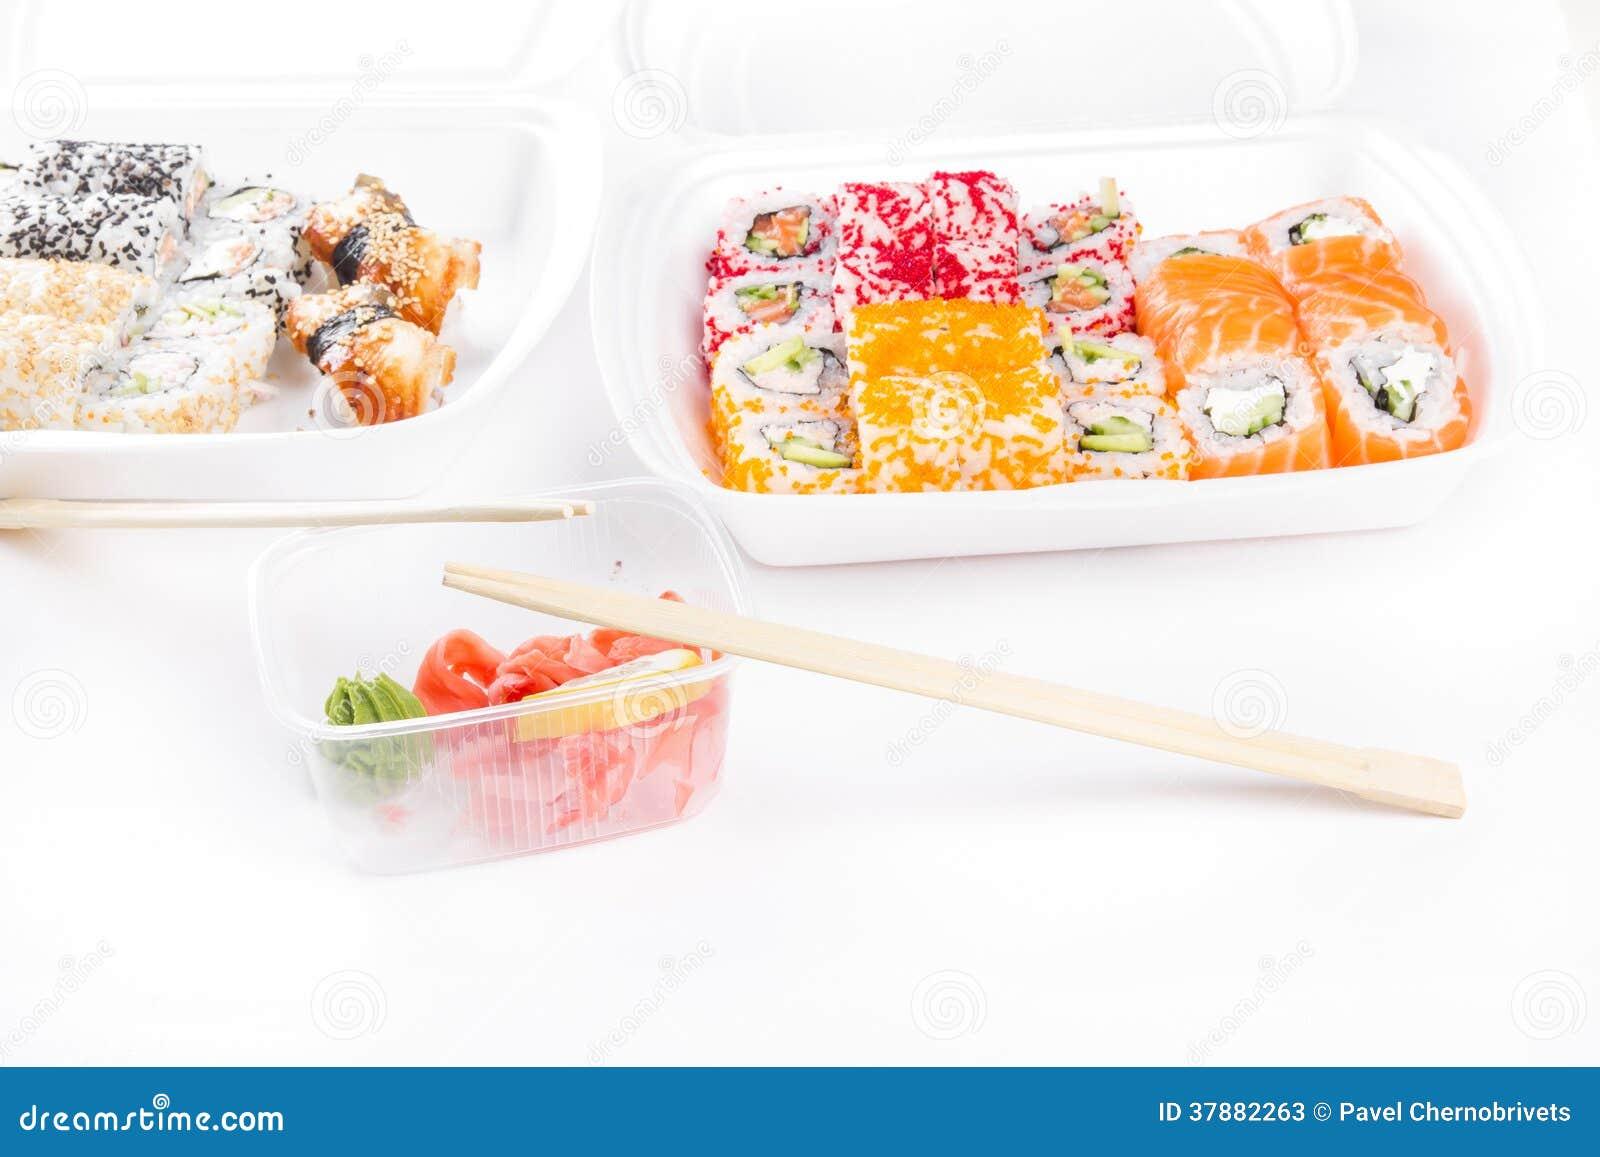 寿司和卷分类